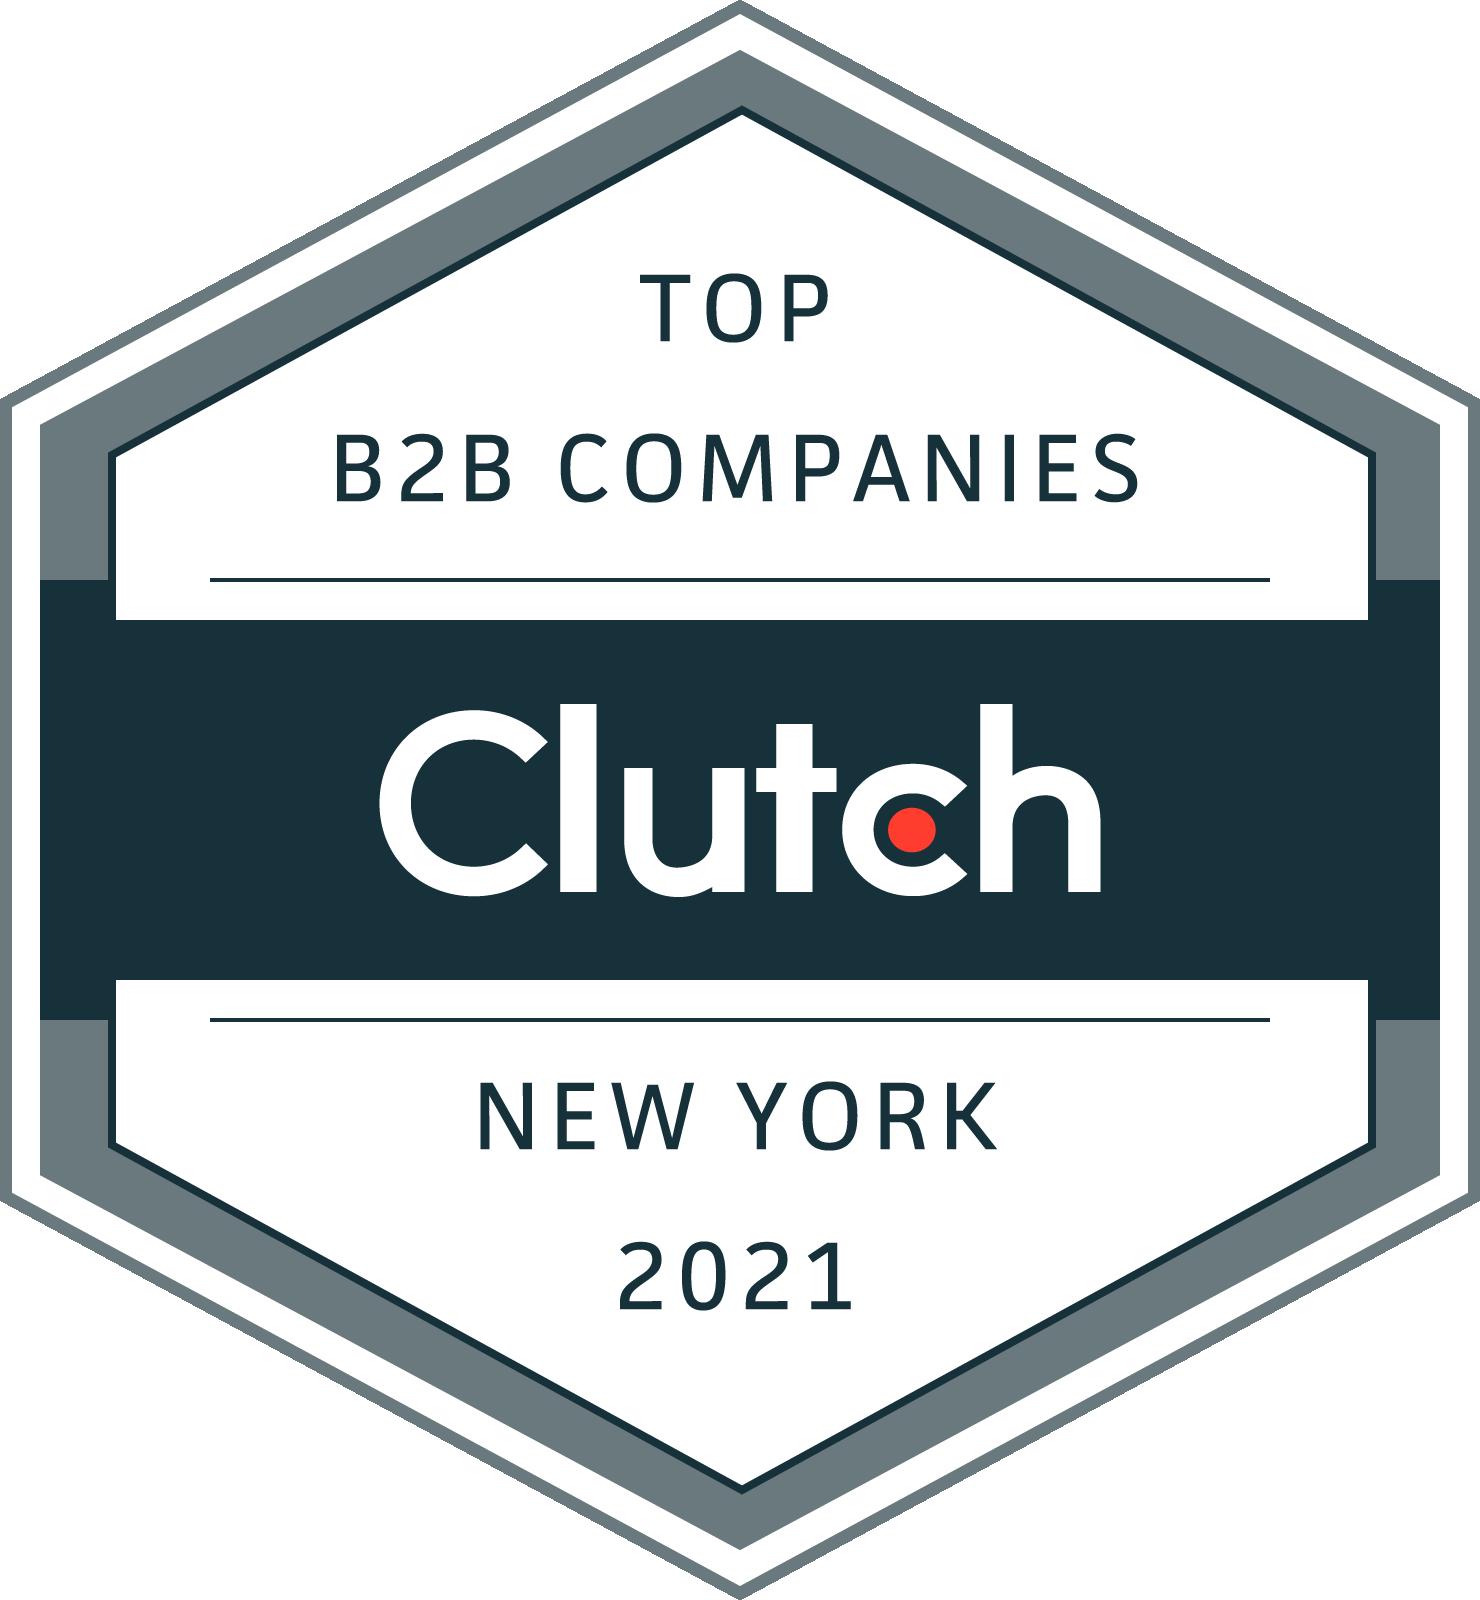 New York B2B Leaders Badge 2021